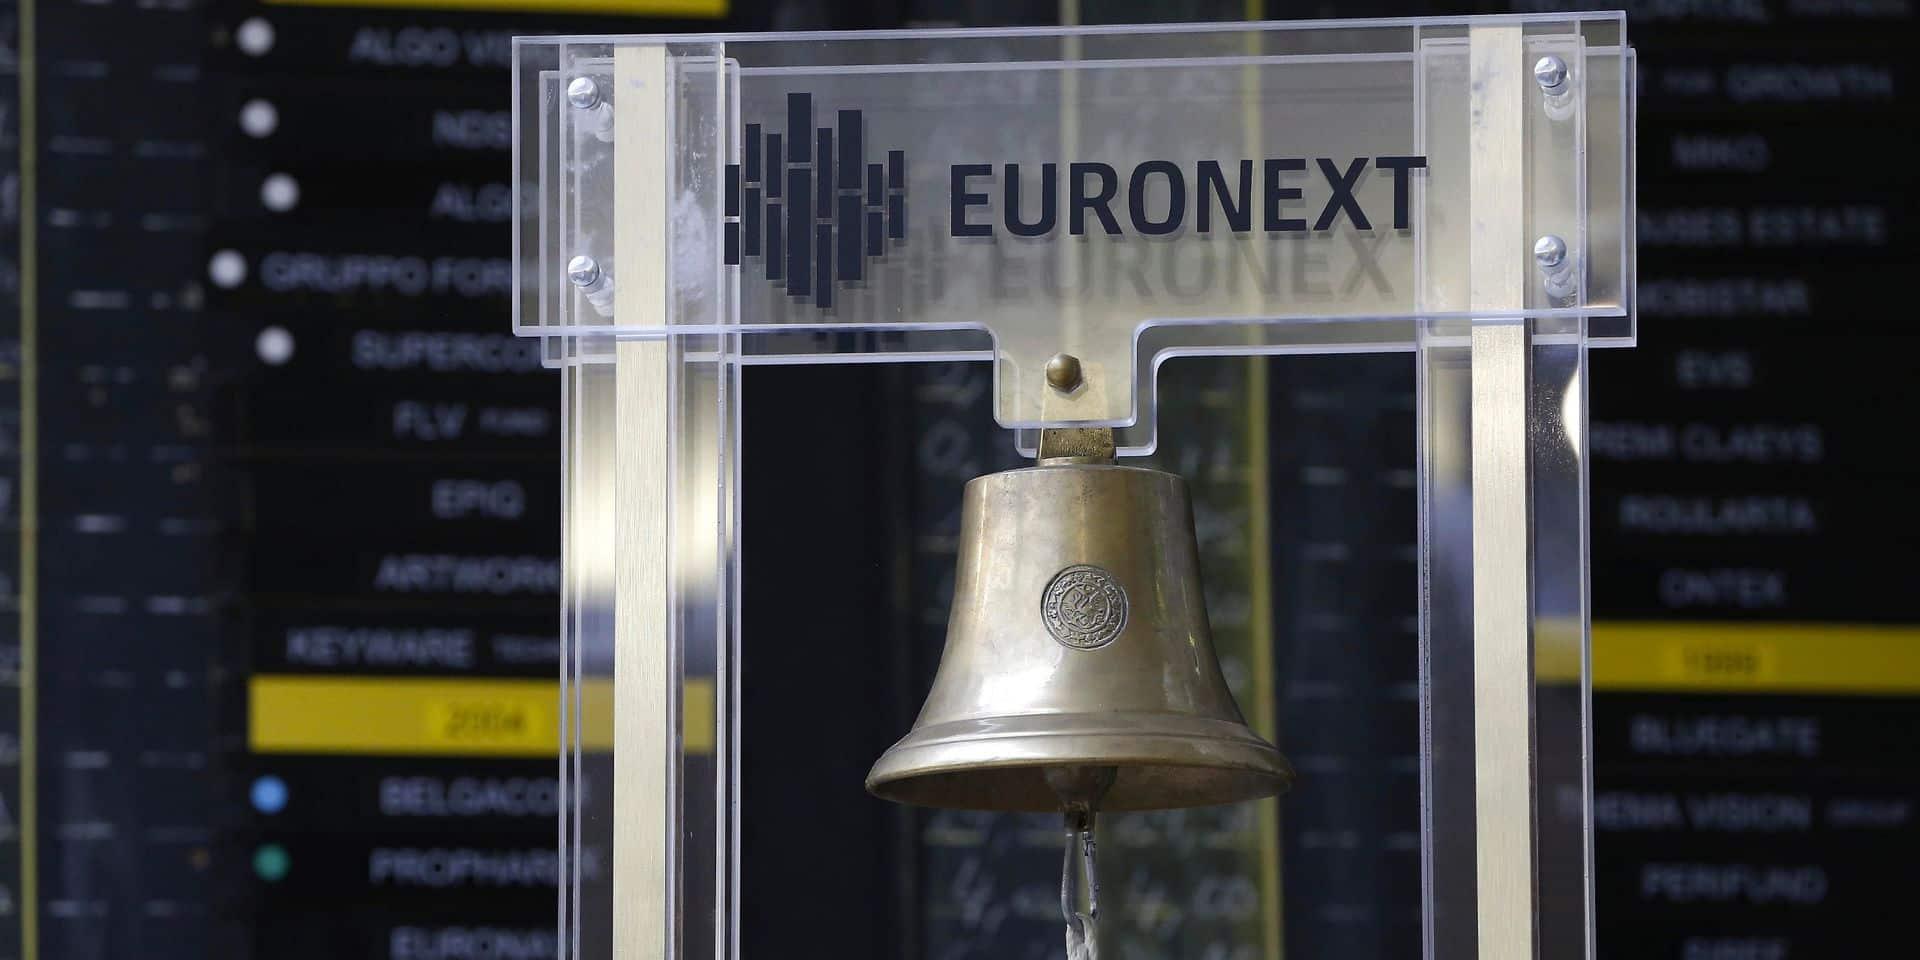 Les Bourses européennes terminent en ordre dispersé, le BEL 20 à la traine dans le sillage de Solvay et KBC